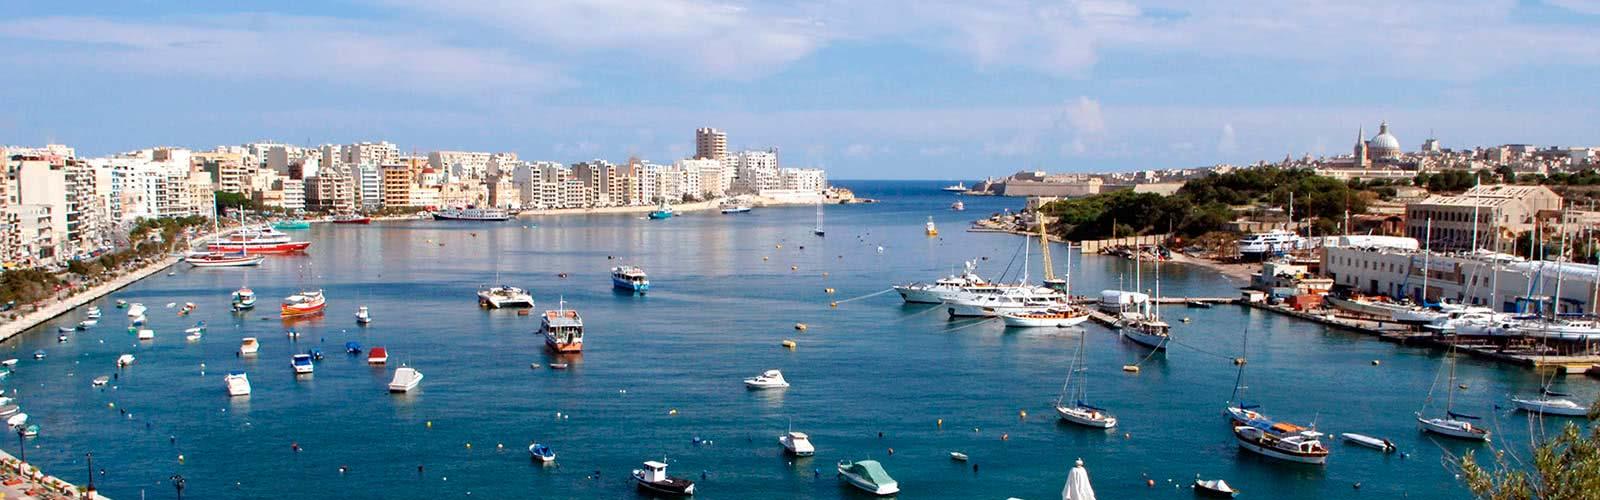 Cursos de inglés en Malta Sliema